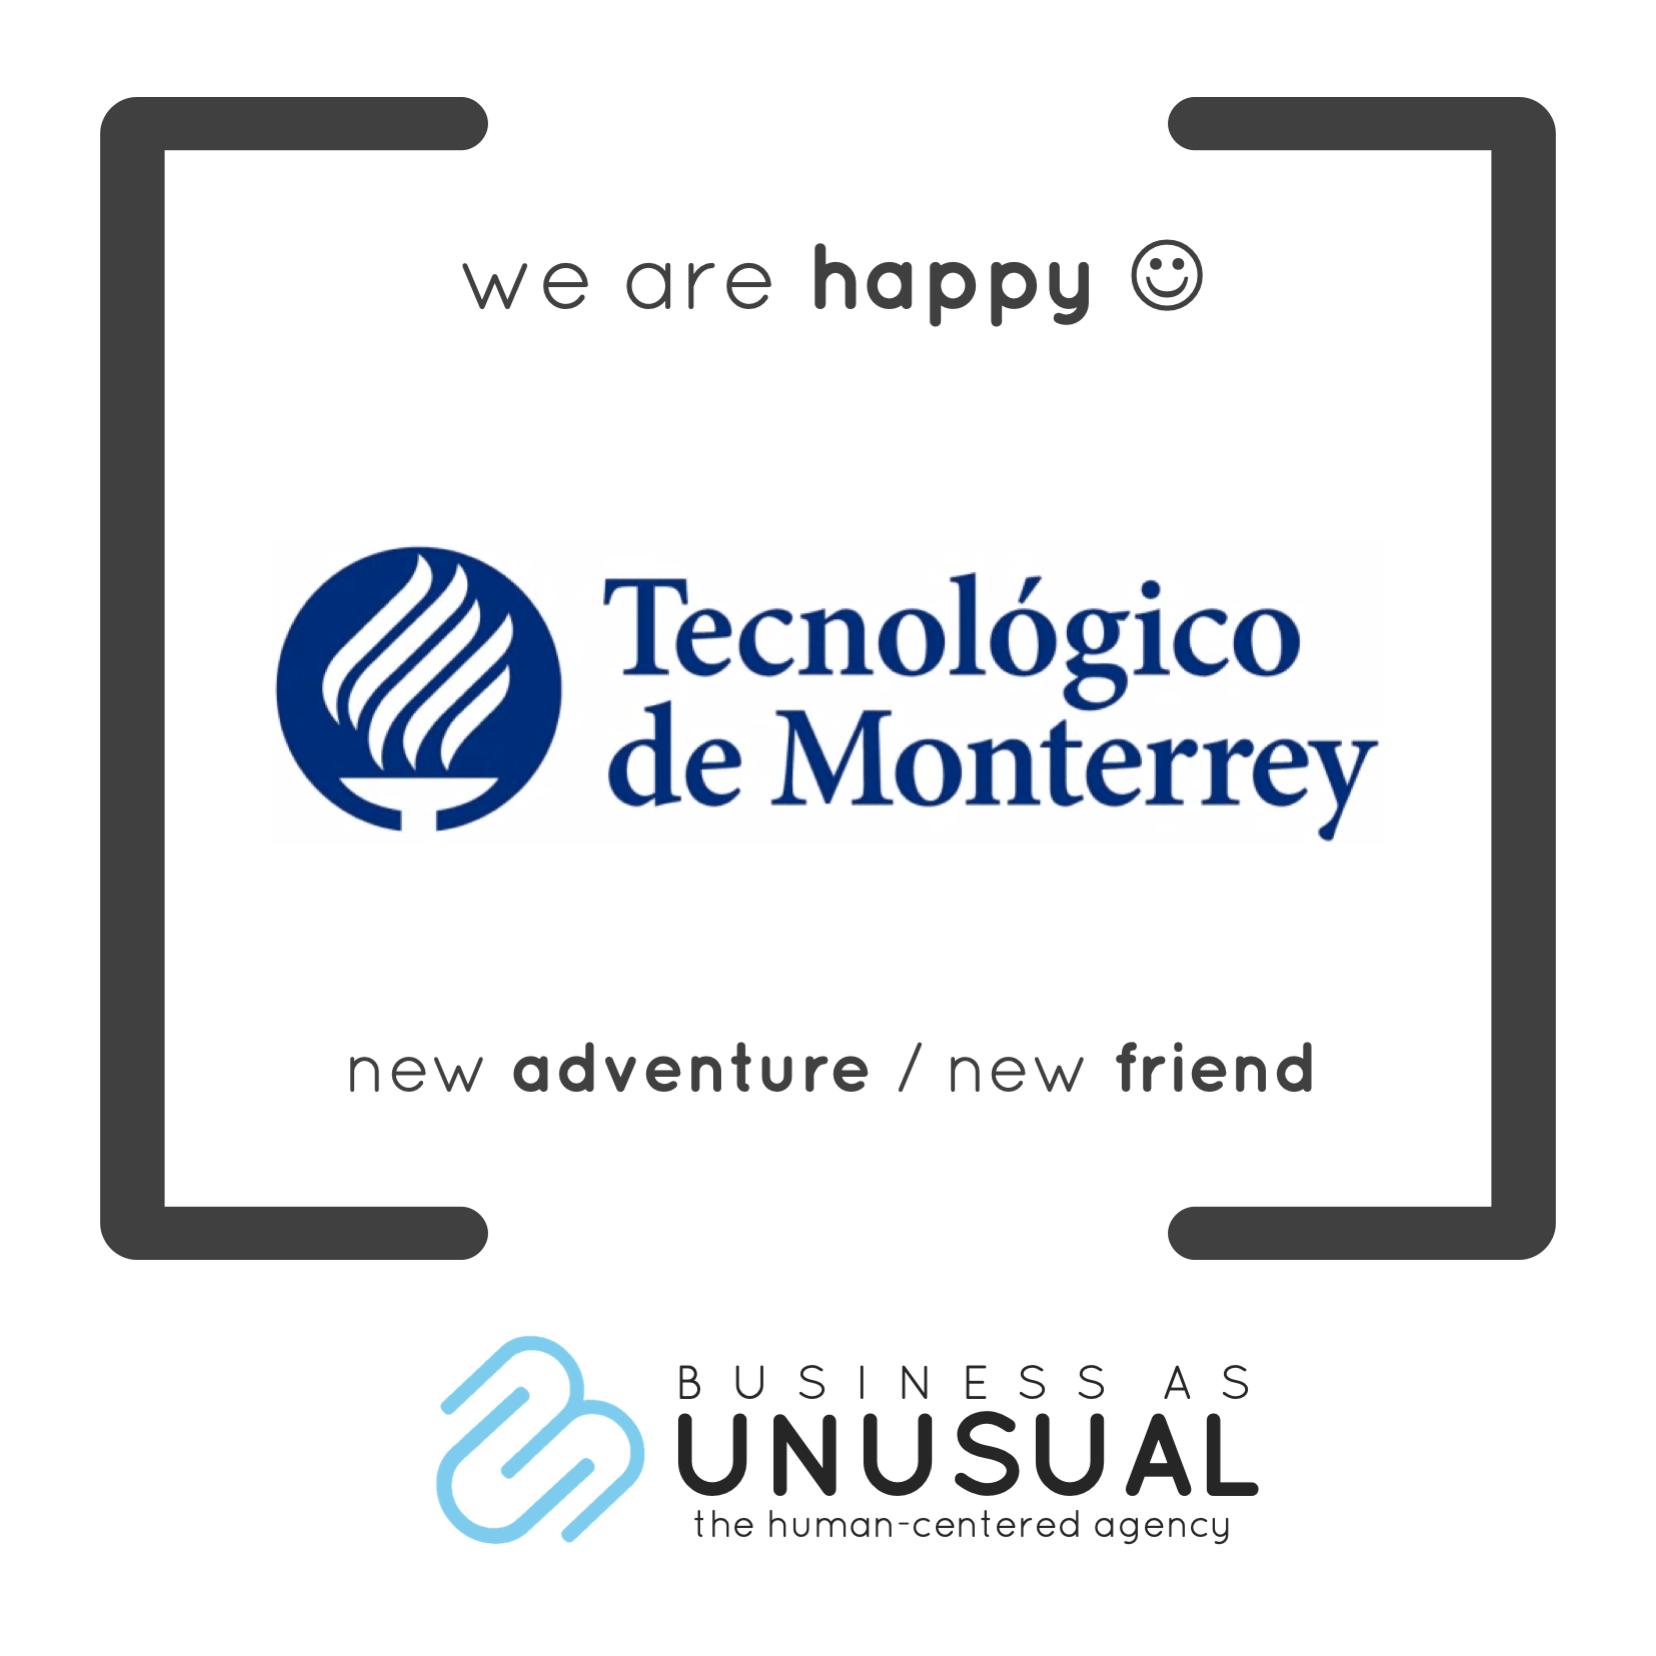 ITESM Instituto Tecnológico y de Estudios Superiores de Monterrey